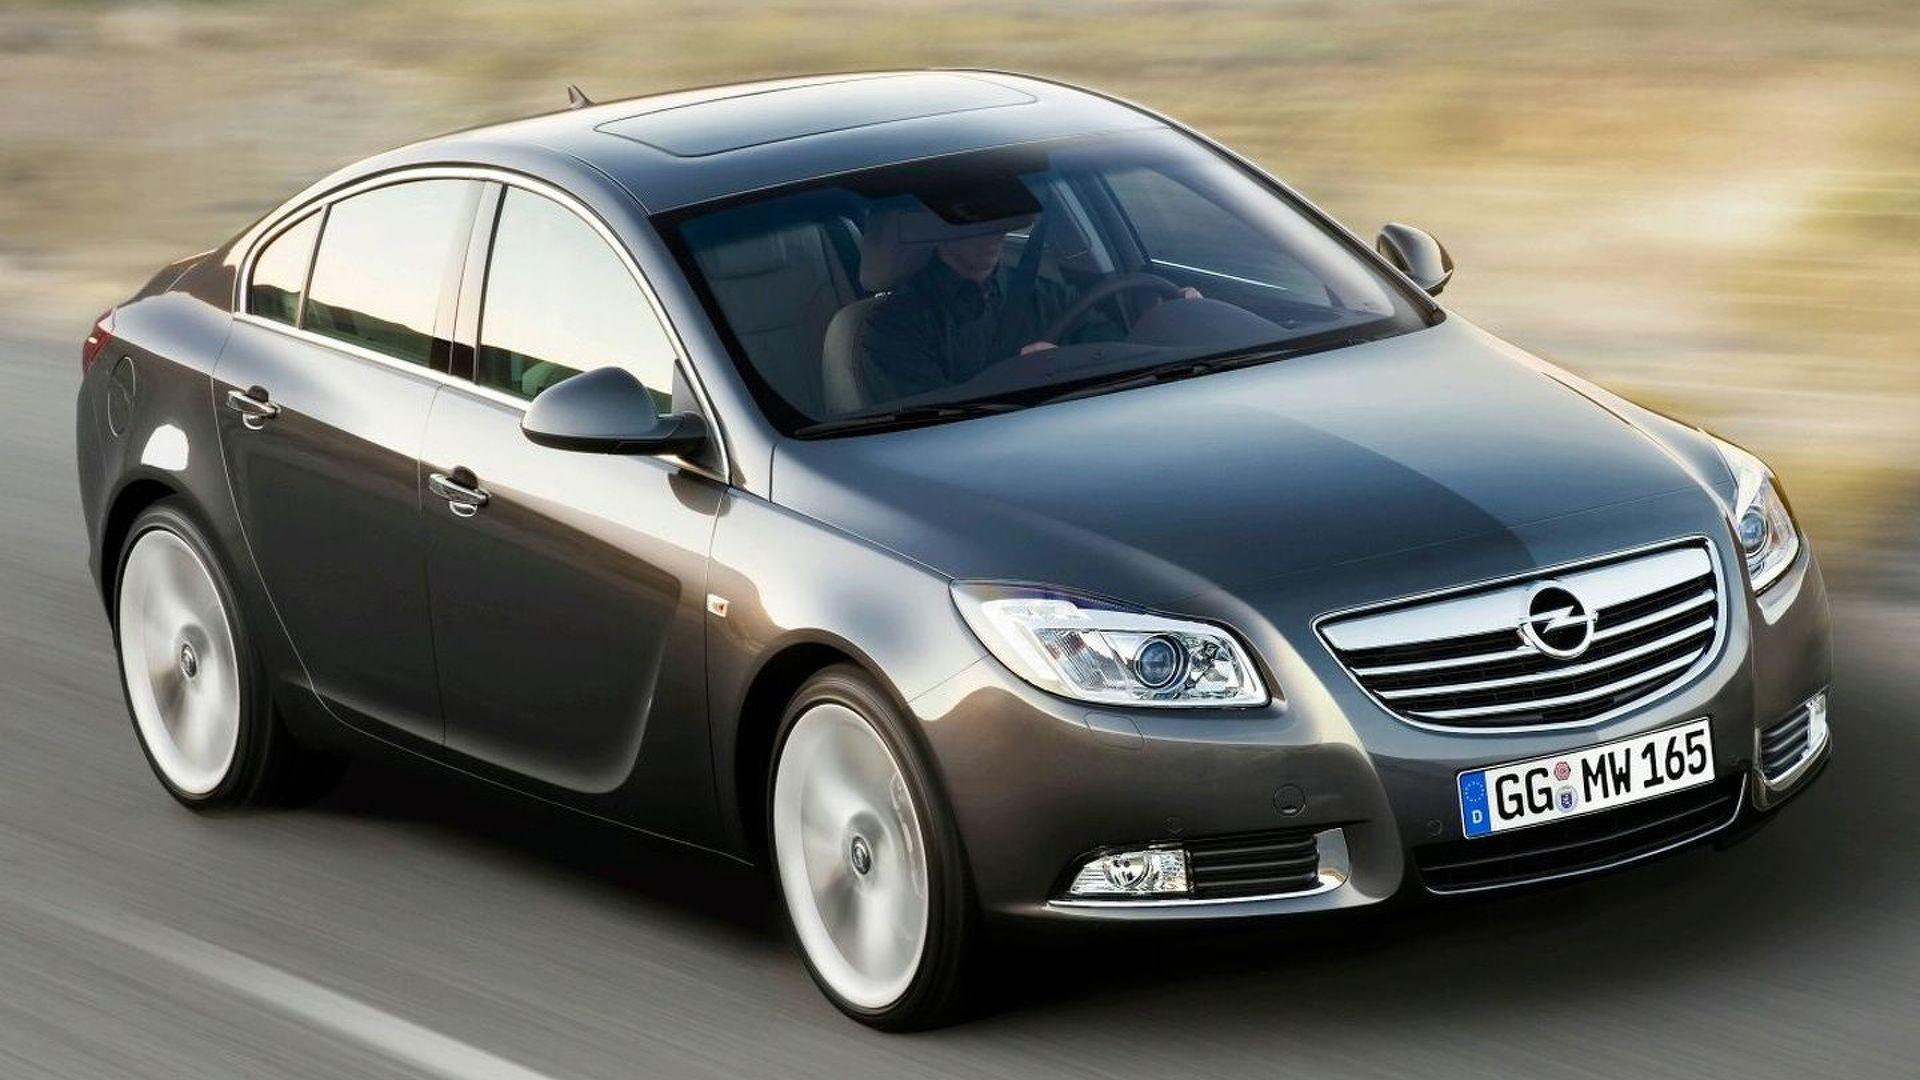 Kelebihan Opel Chevrolet Murah Berkualitas